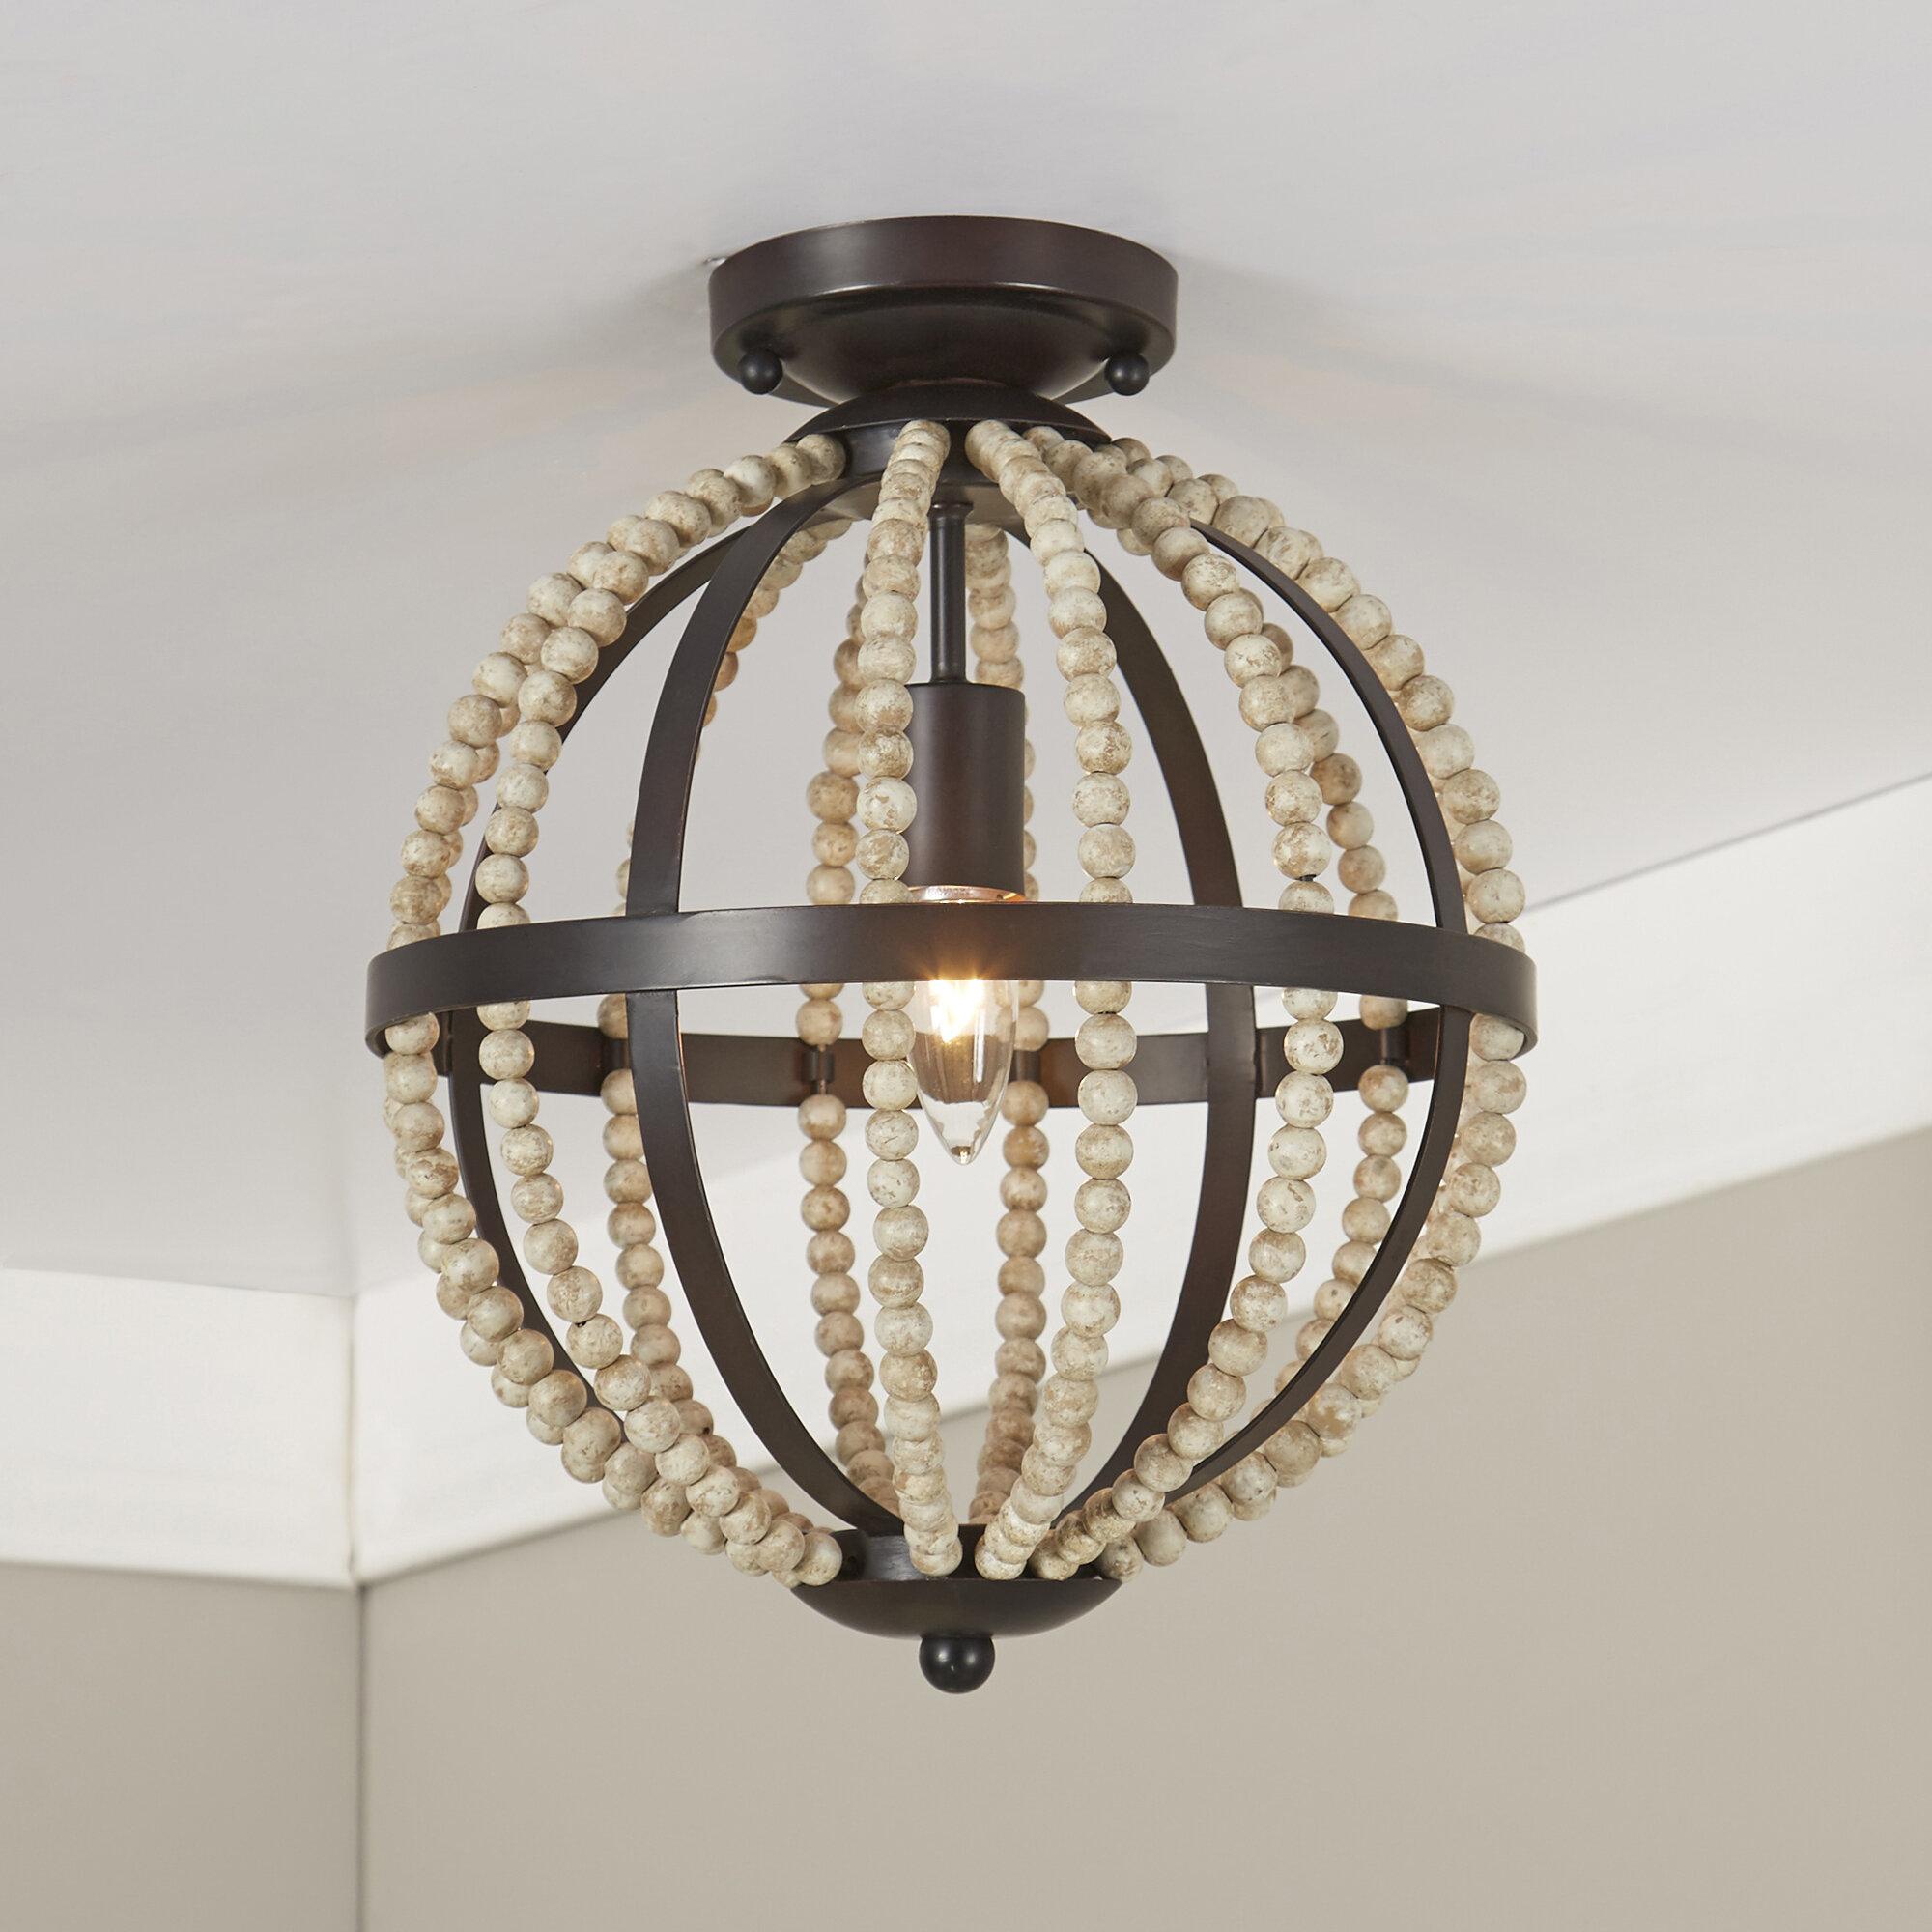 light s golden ebay lights bronze flush melina new lite brand ceiling semi lowest in p price ceilings mount z